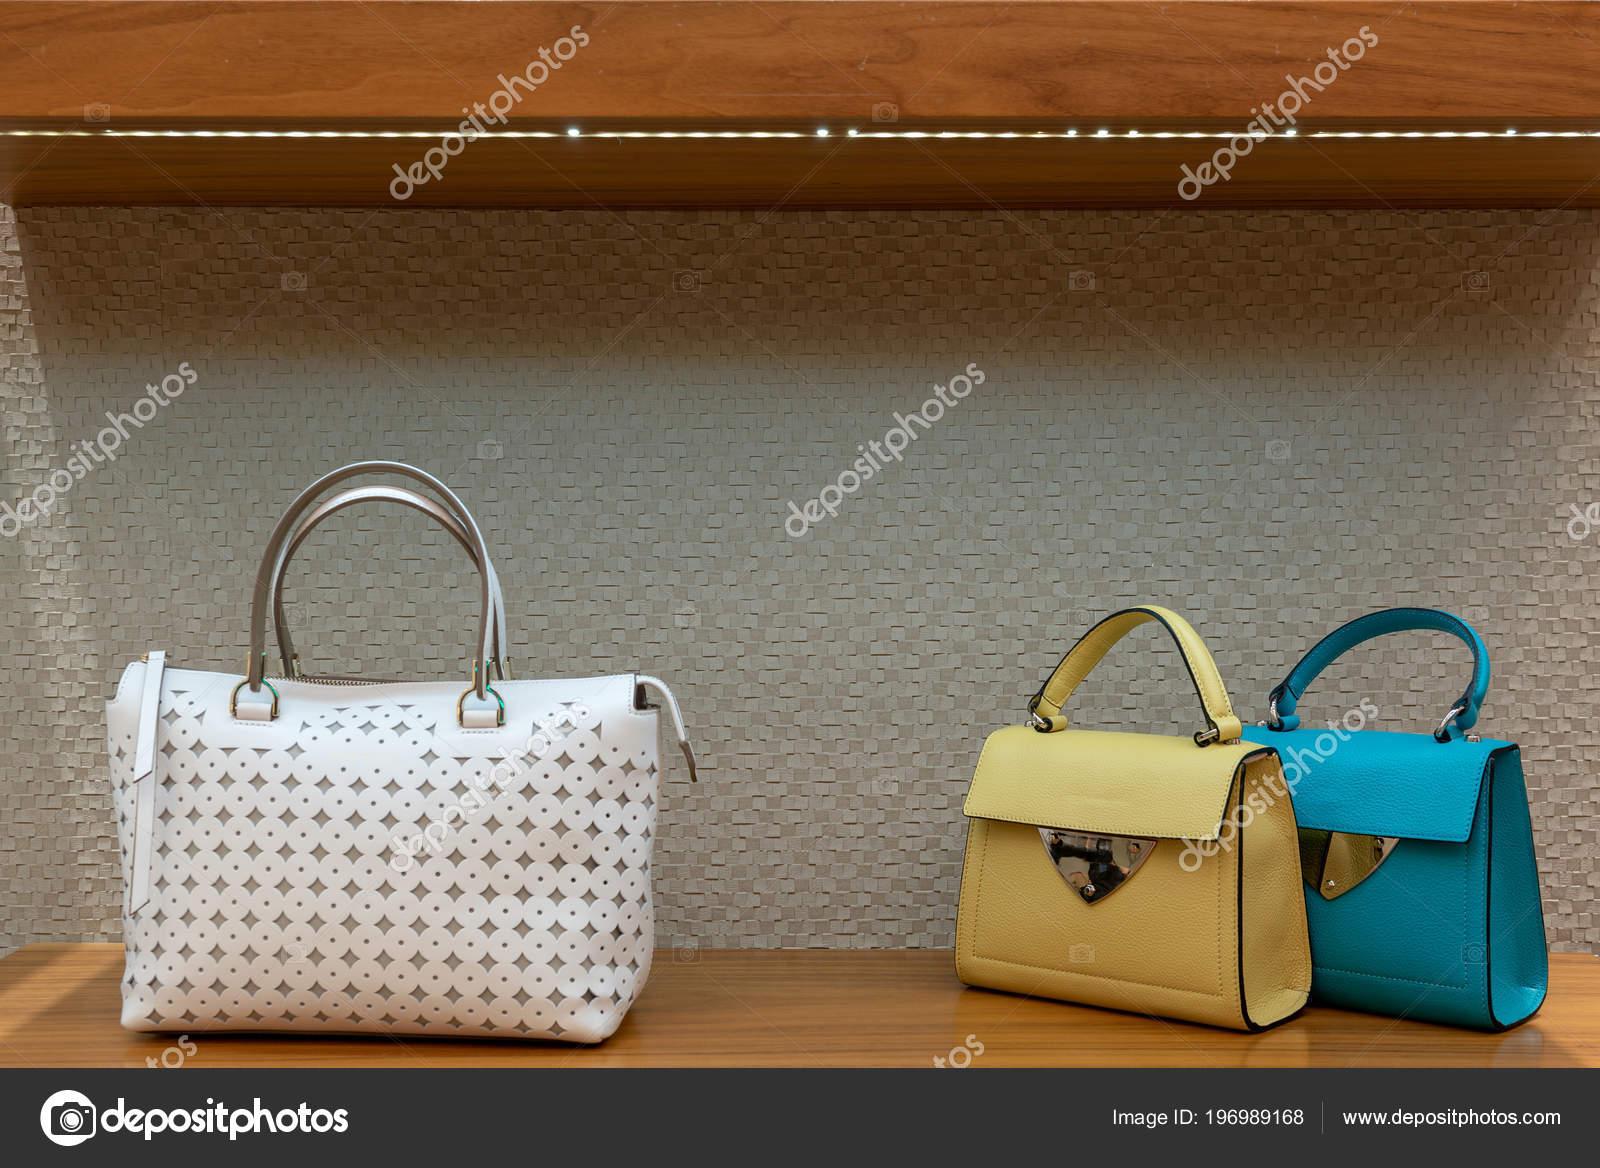 06972c75077f7 Modne Damskie Torebki Sklepie Torebka Prezentacja Sklepu Luxury– obraz  stockowy